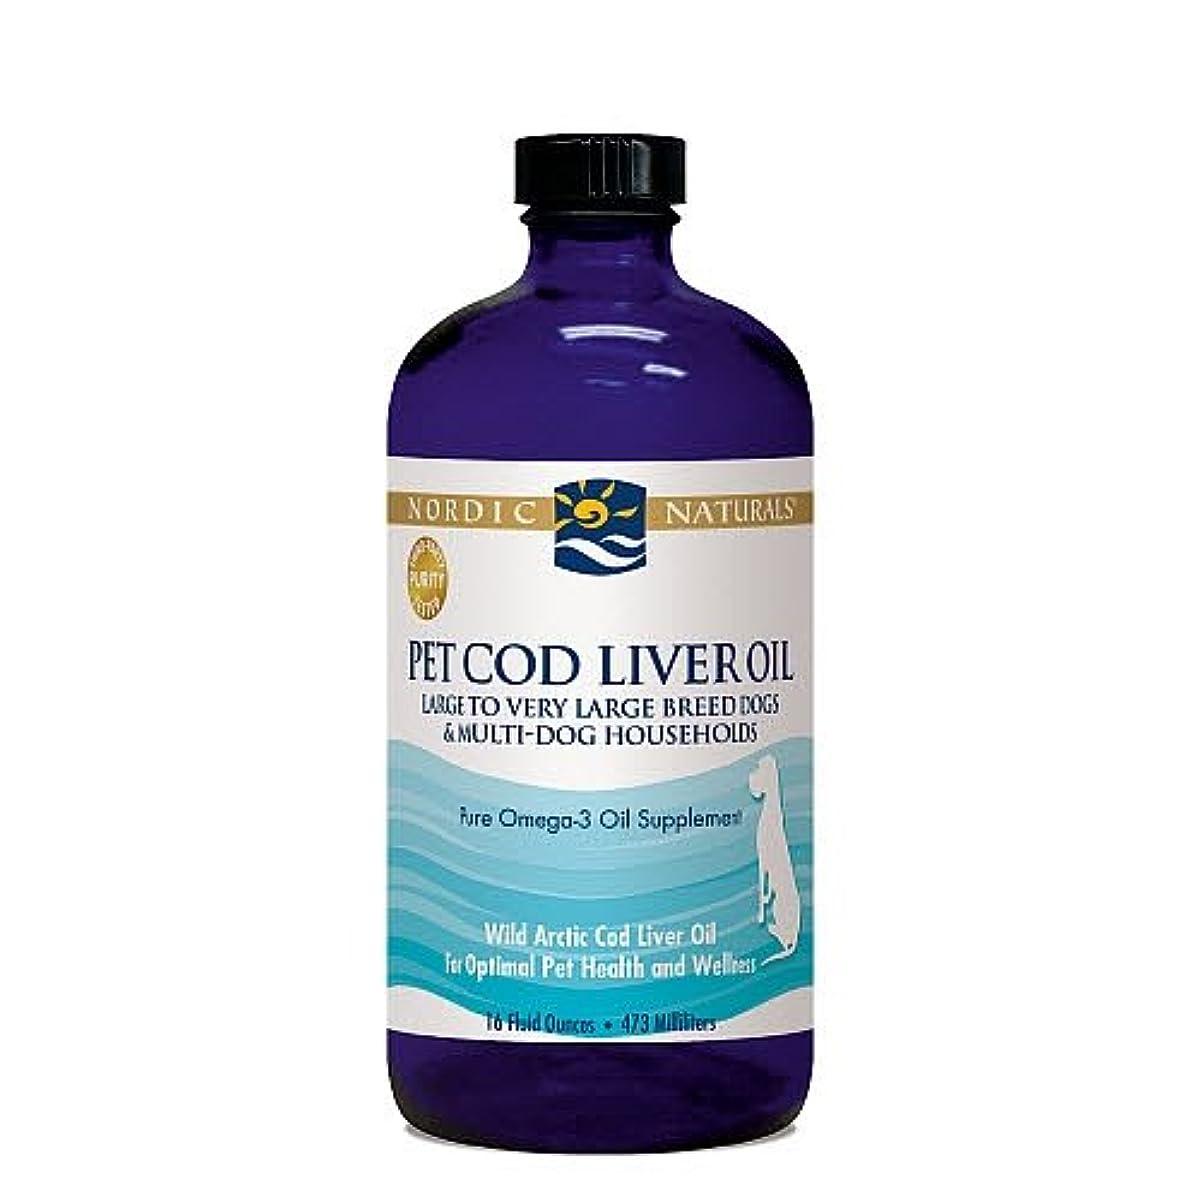 不良品施設話すNordic Naturals ペット CLO サプリメント コド リバー オイル 液体 16オンス